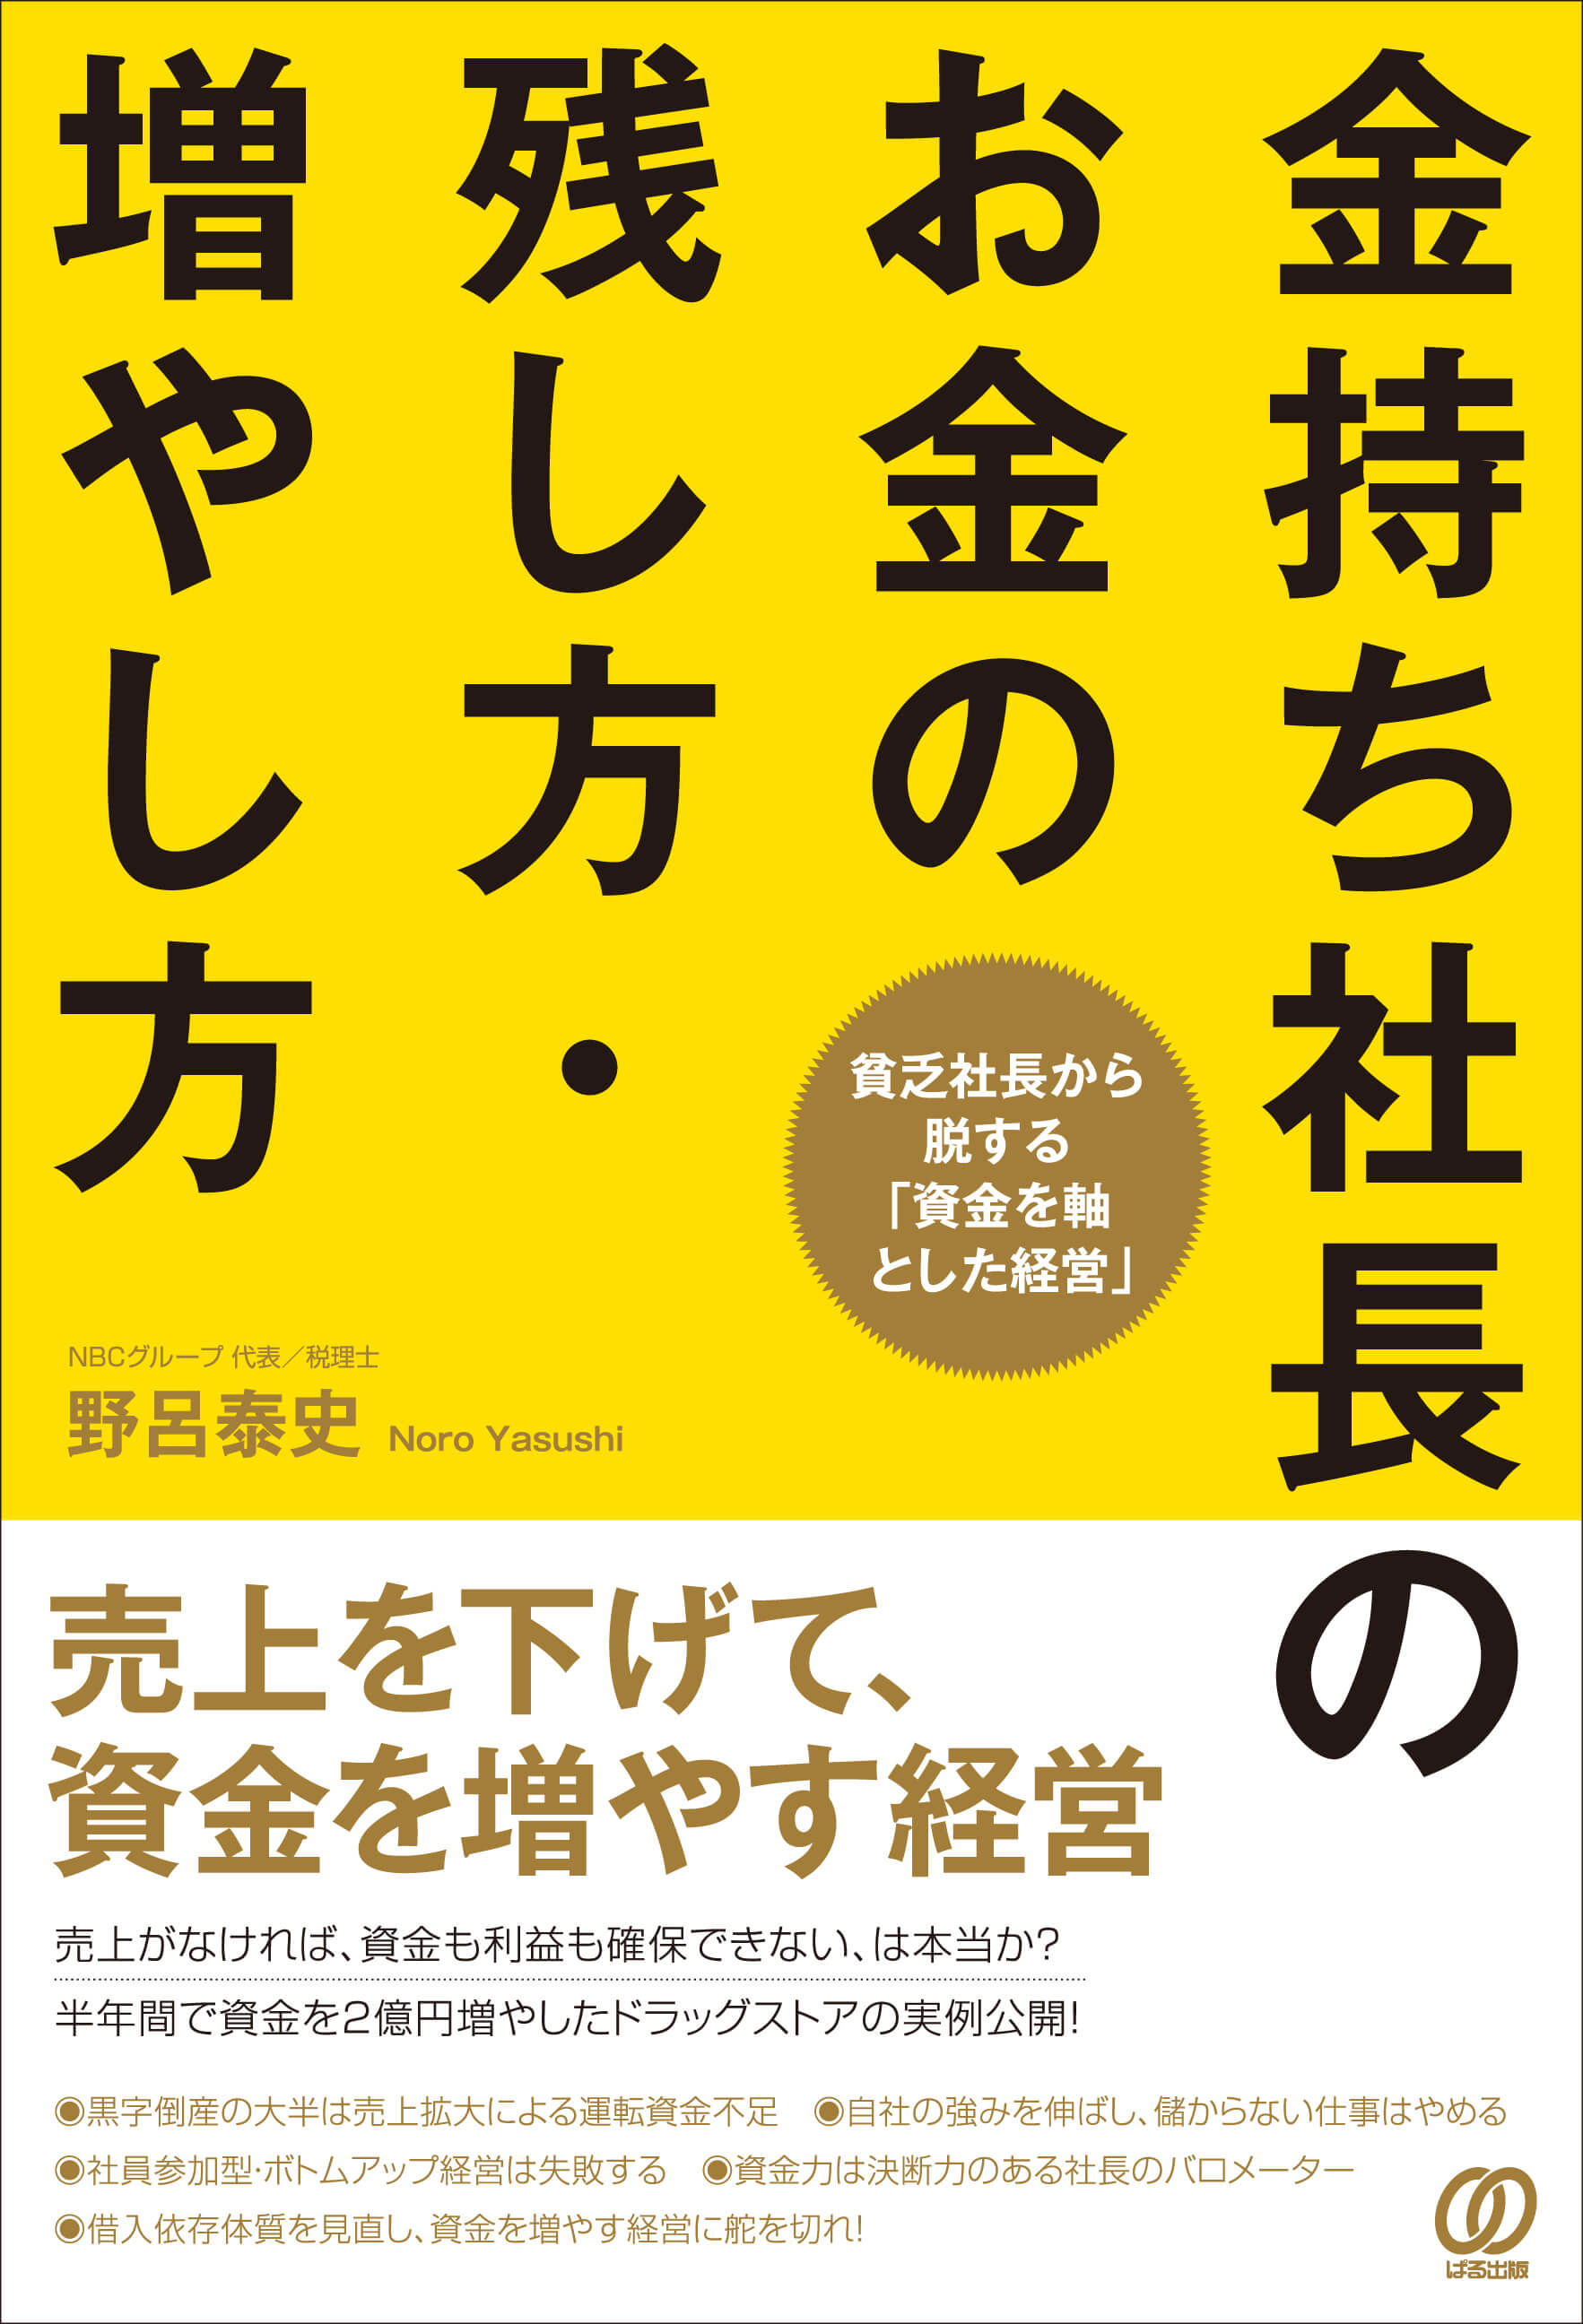 新刊書籍『金持ち社長のお金の残し方・増やし方』出版のお知らせの写真